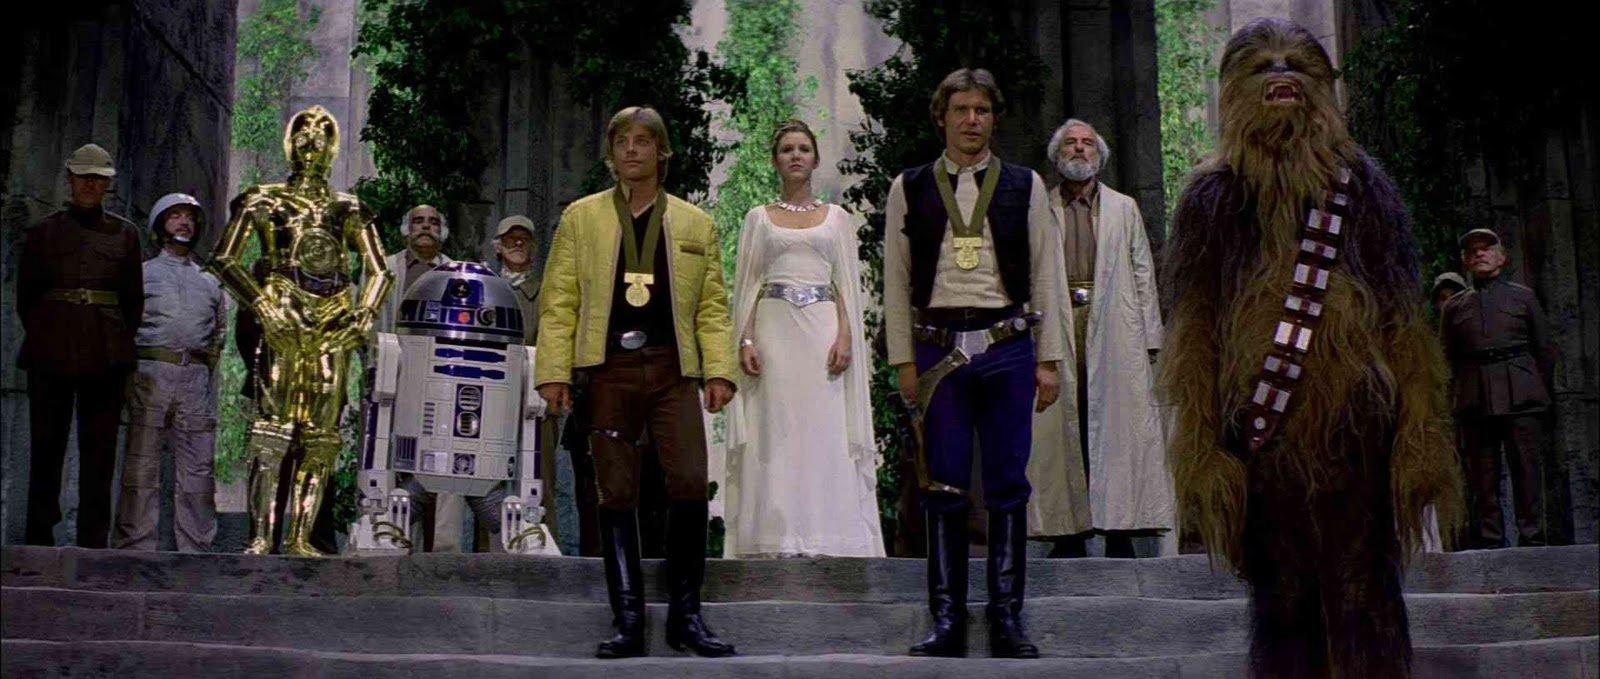 La entrega de medallas en la escena final del Episodio IV. Tal vez los gruñidos fueran una queja de Chewbacca por no recibir el mérito como Sagan decía y nadie se enteró